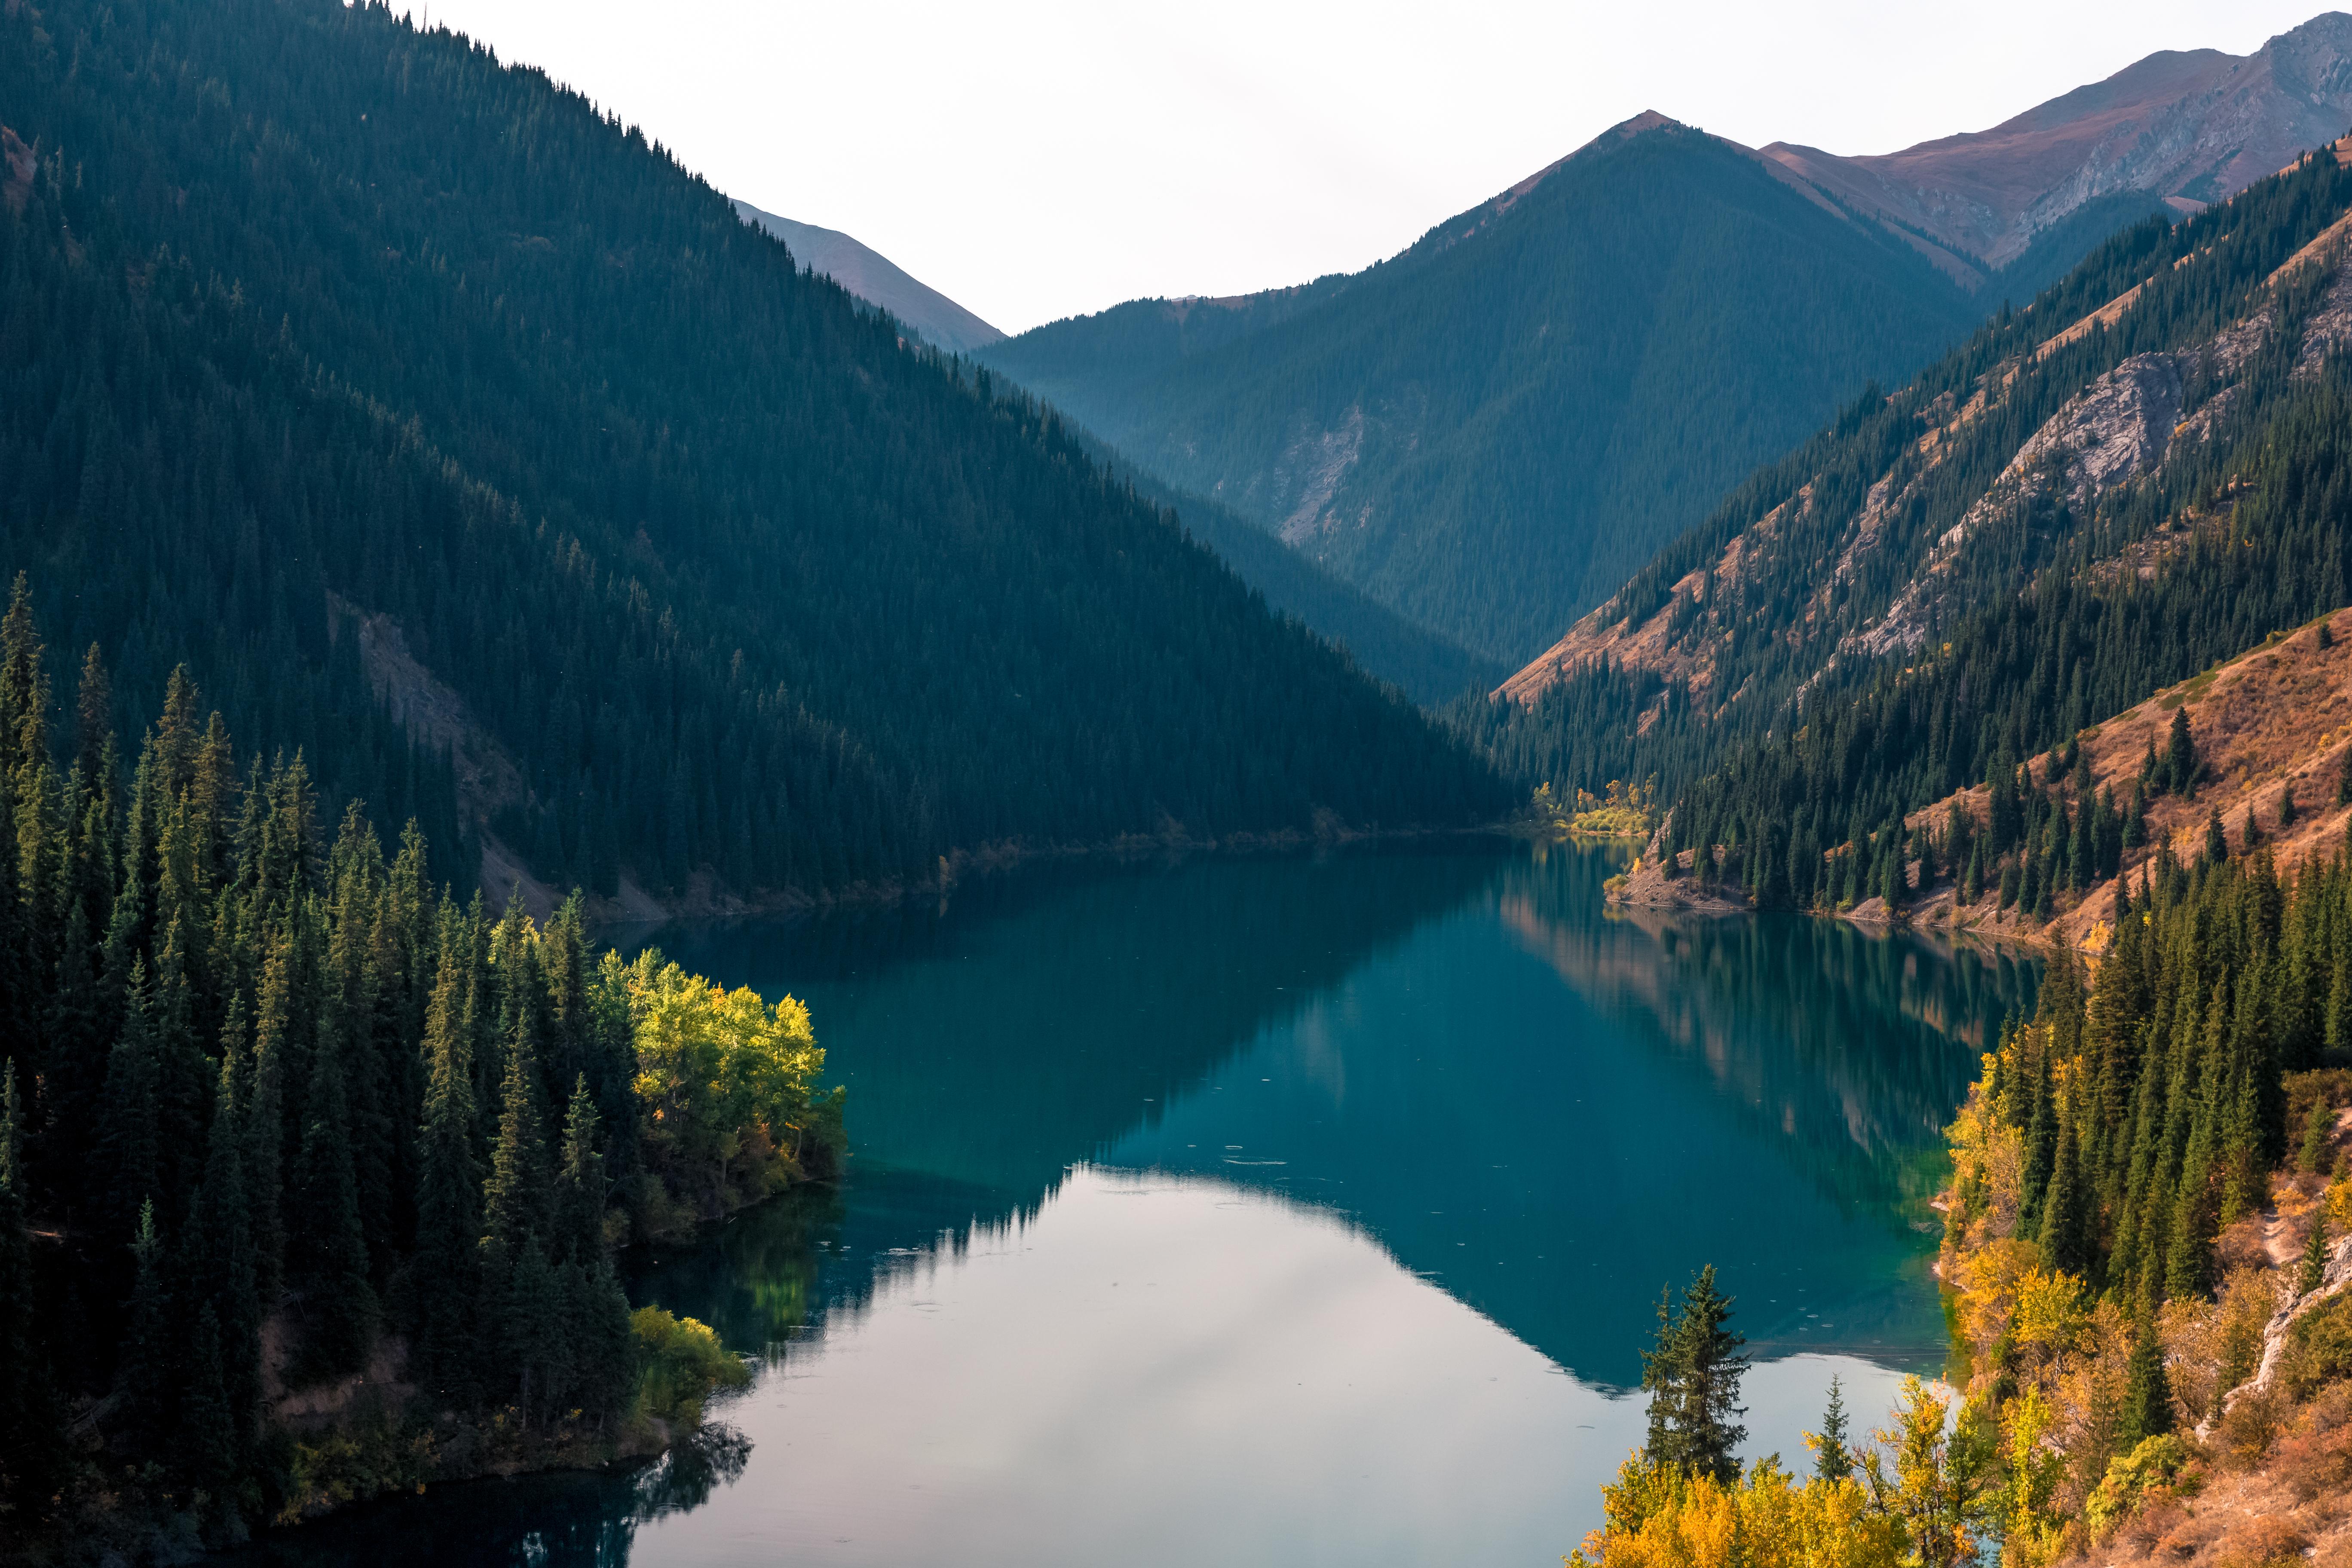 казахстана популярные картинки всех встречают